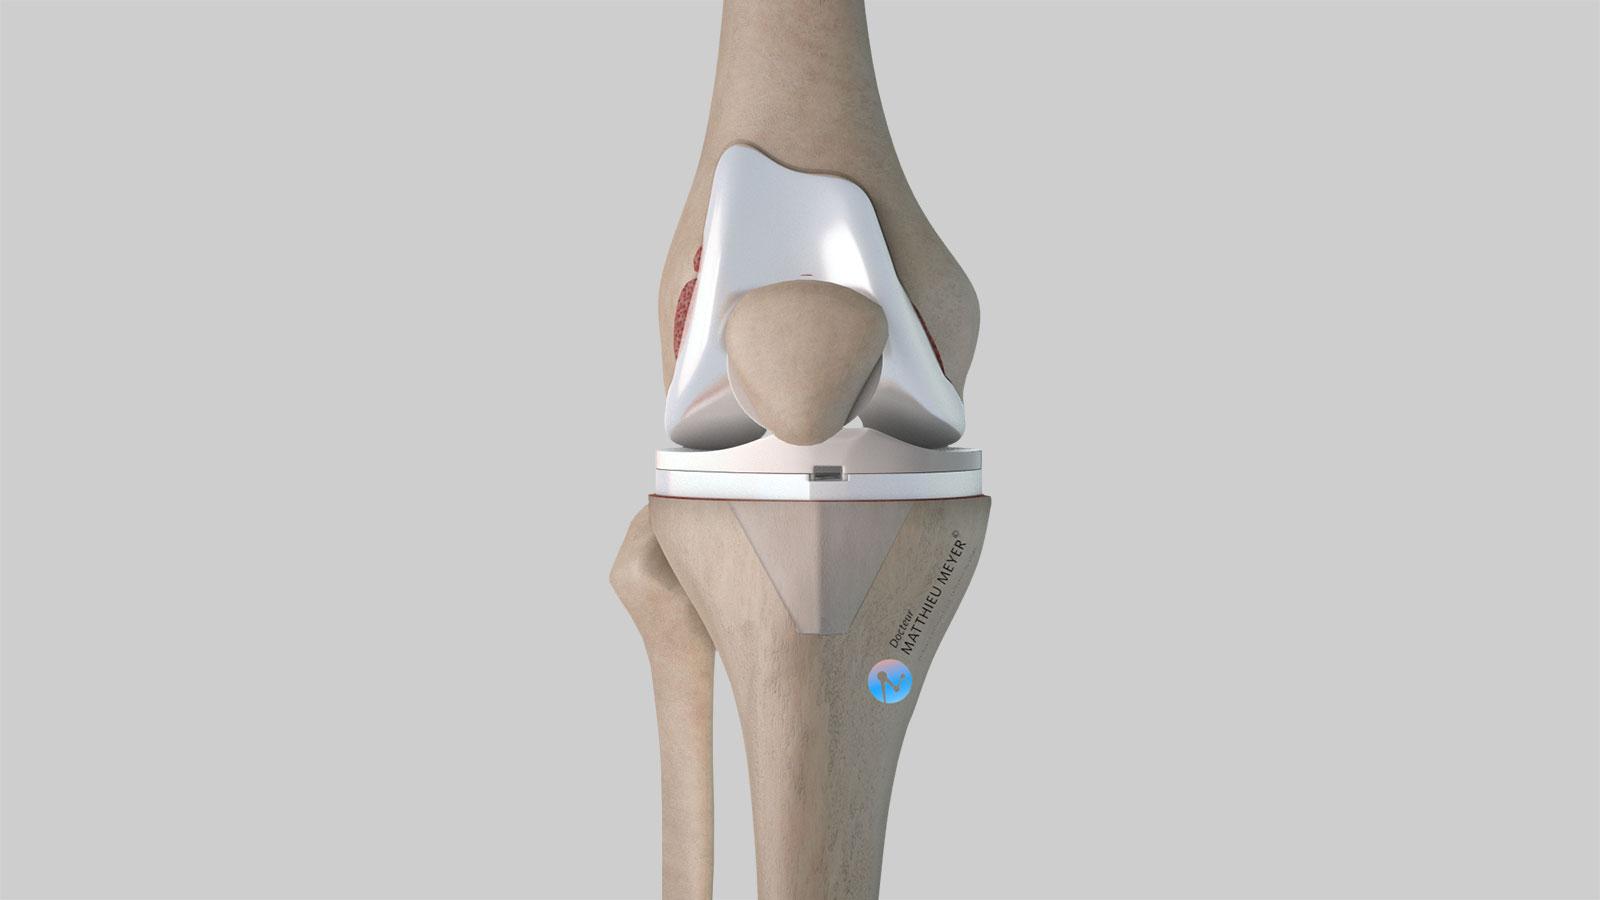 Prothèse totale de genou : vue de face